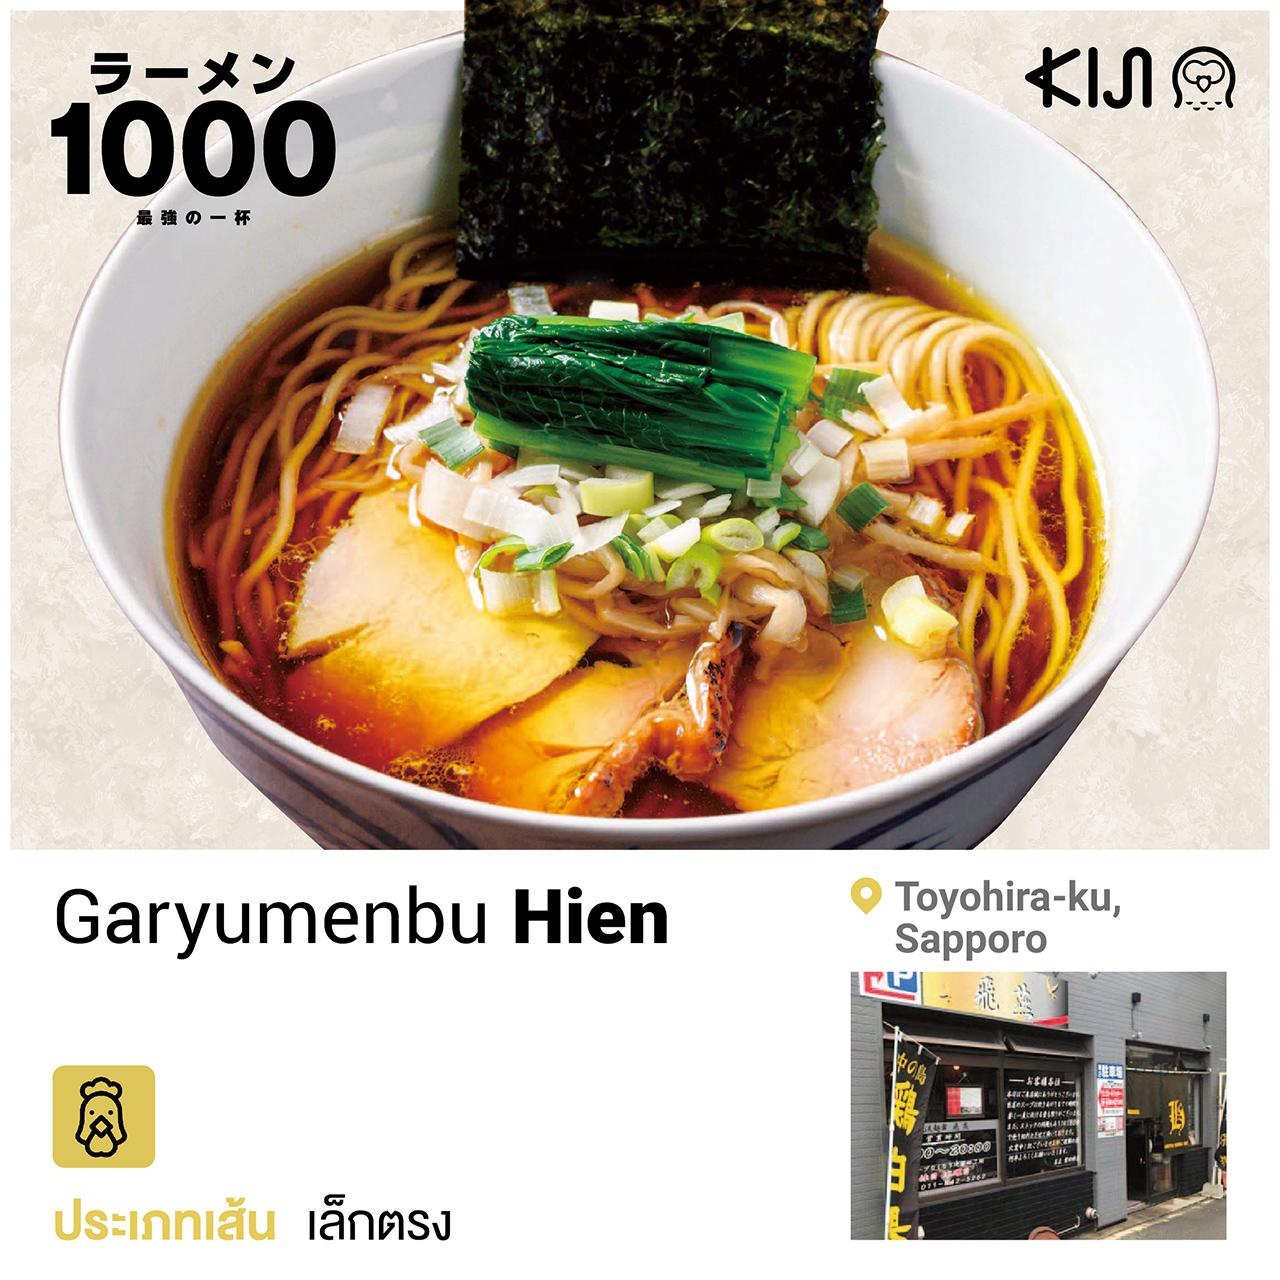 ร้านราเมนในฮอกไกโด - Garyumenbu Hien